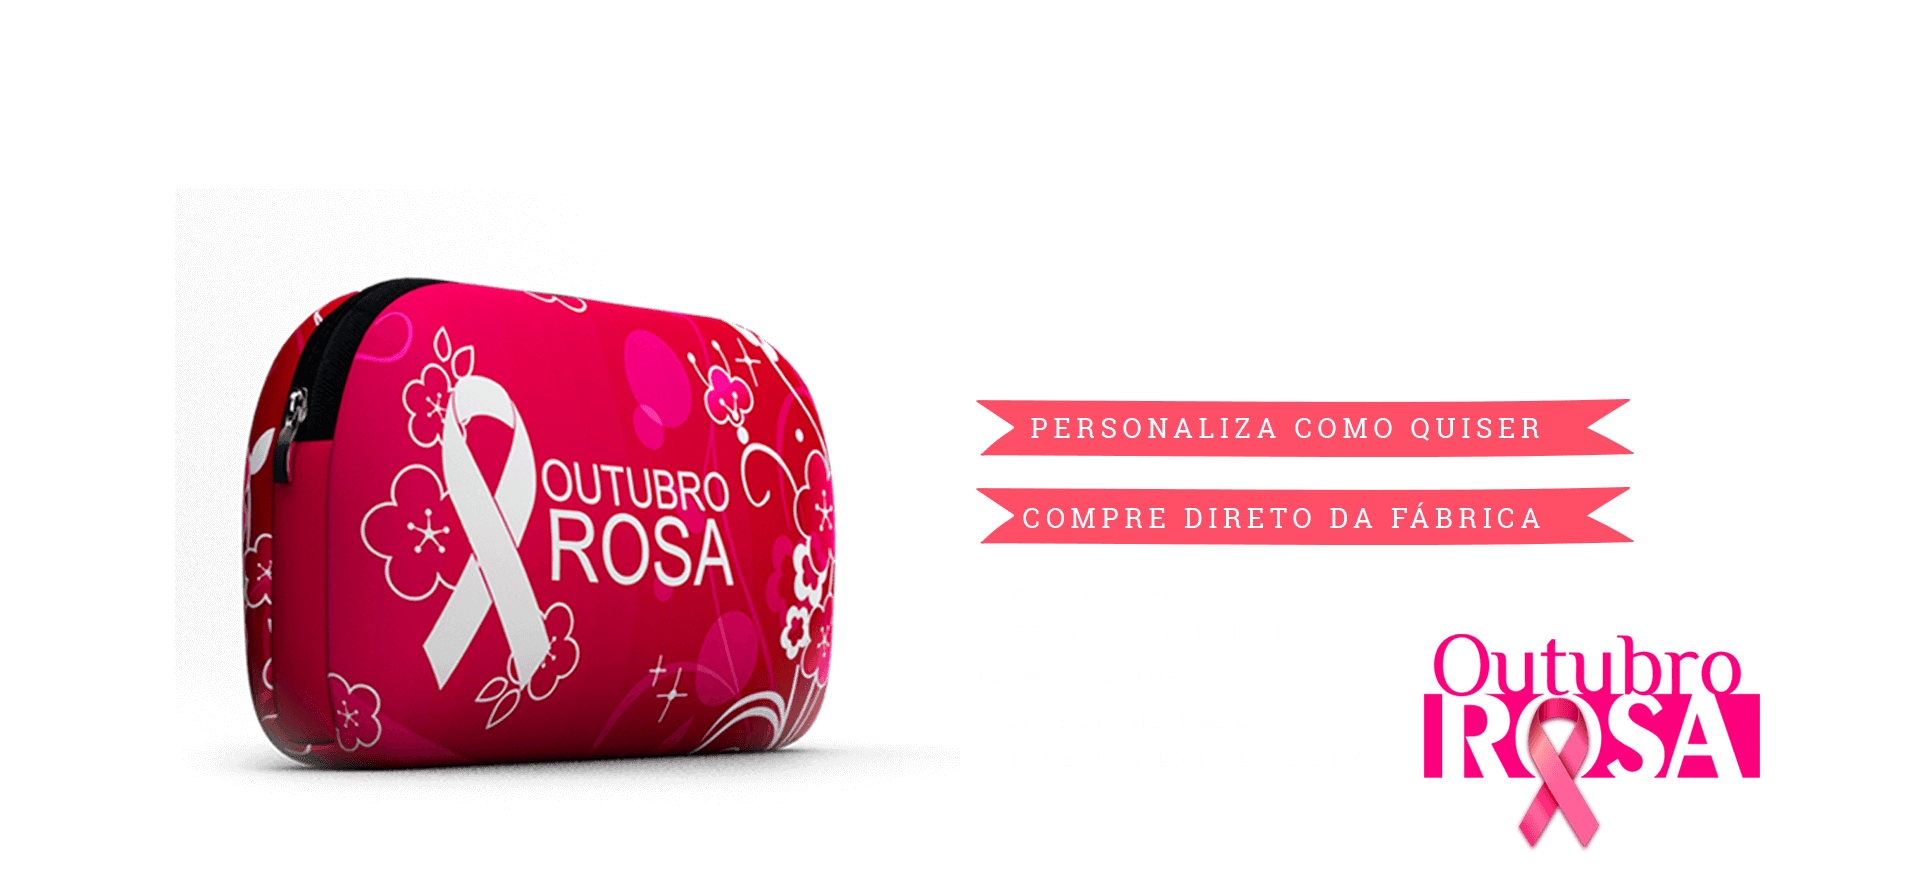 Brindes em neoprene mais vendidos para outubro rosa